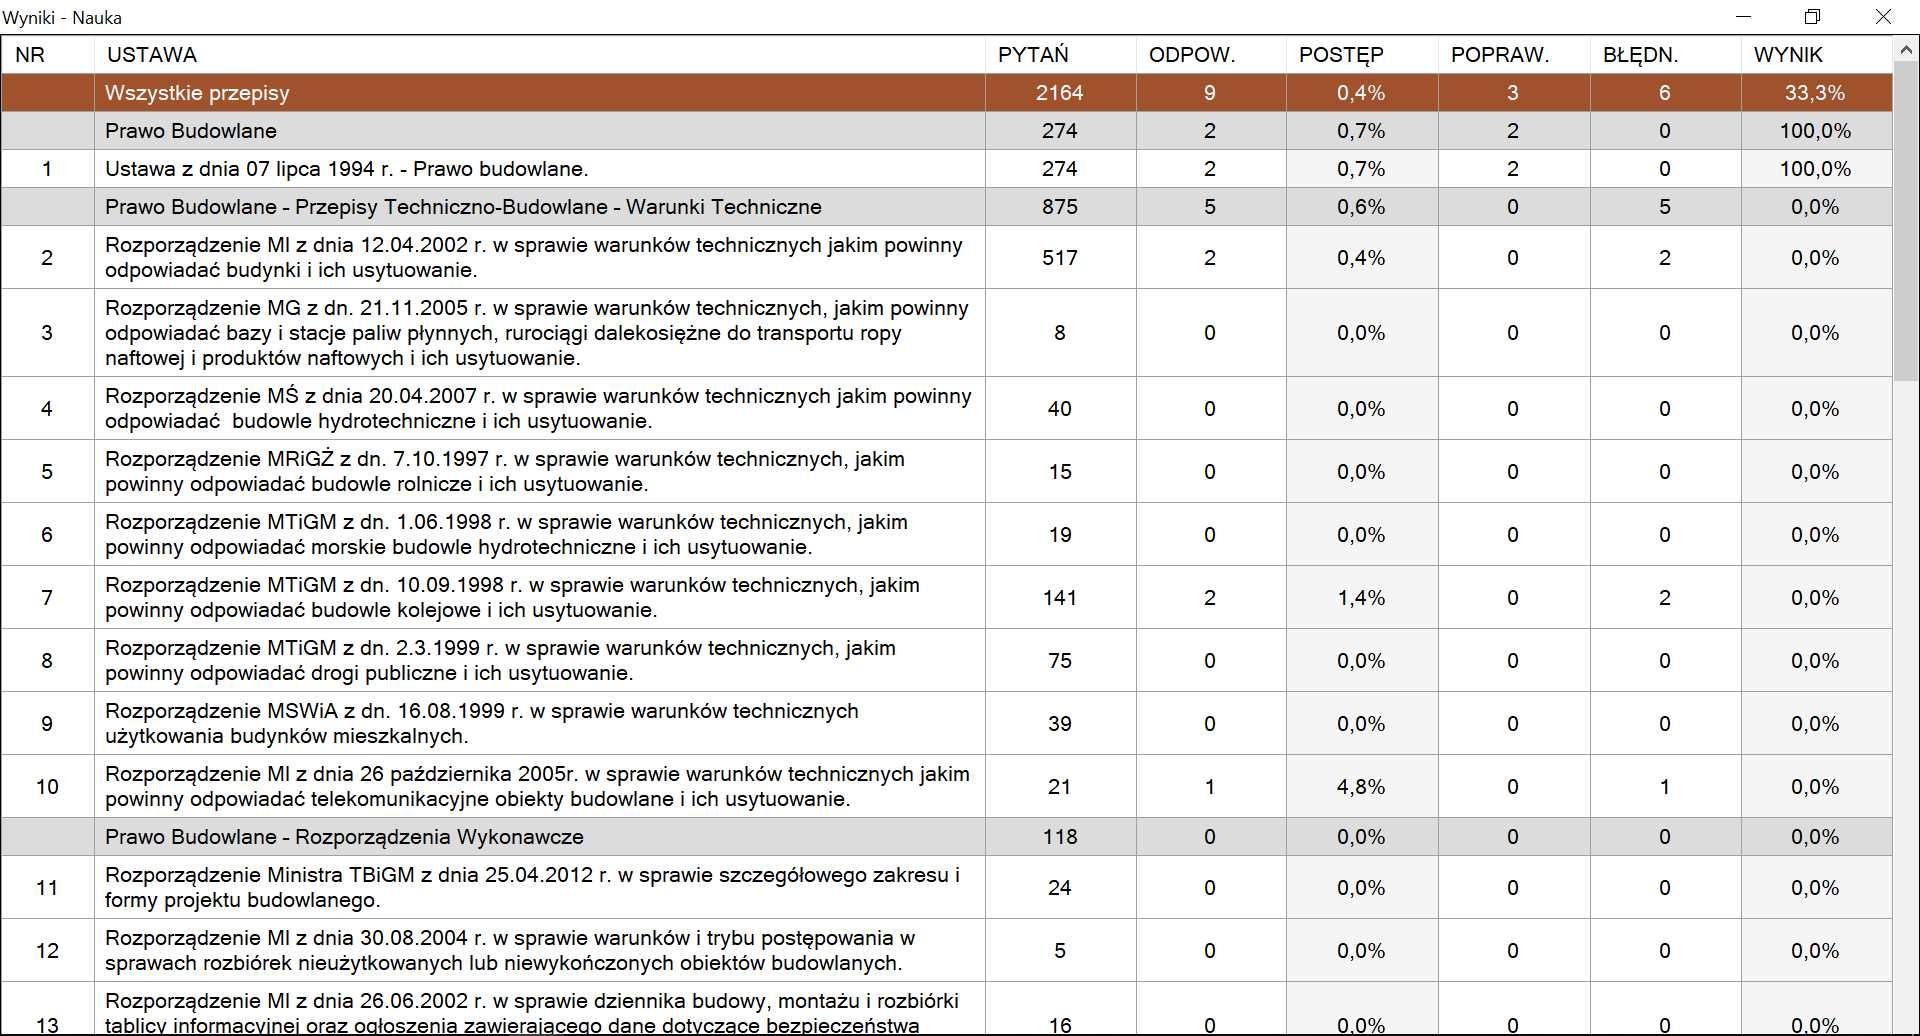 statystyki - program uprawnienia budowlane